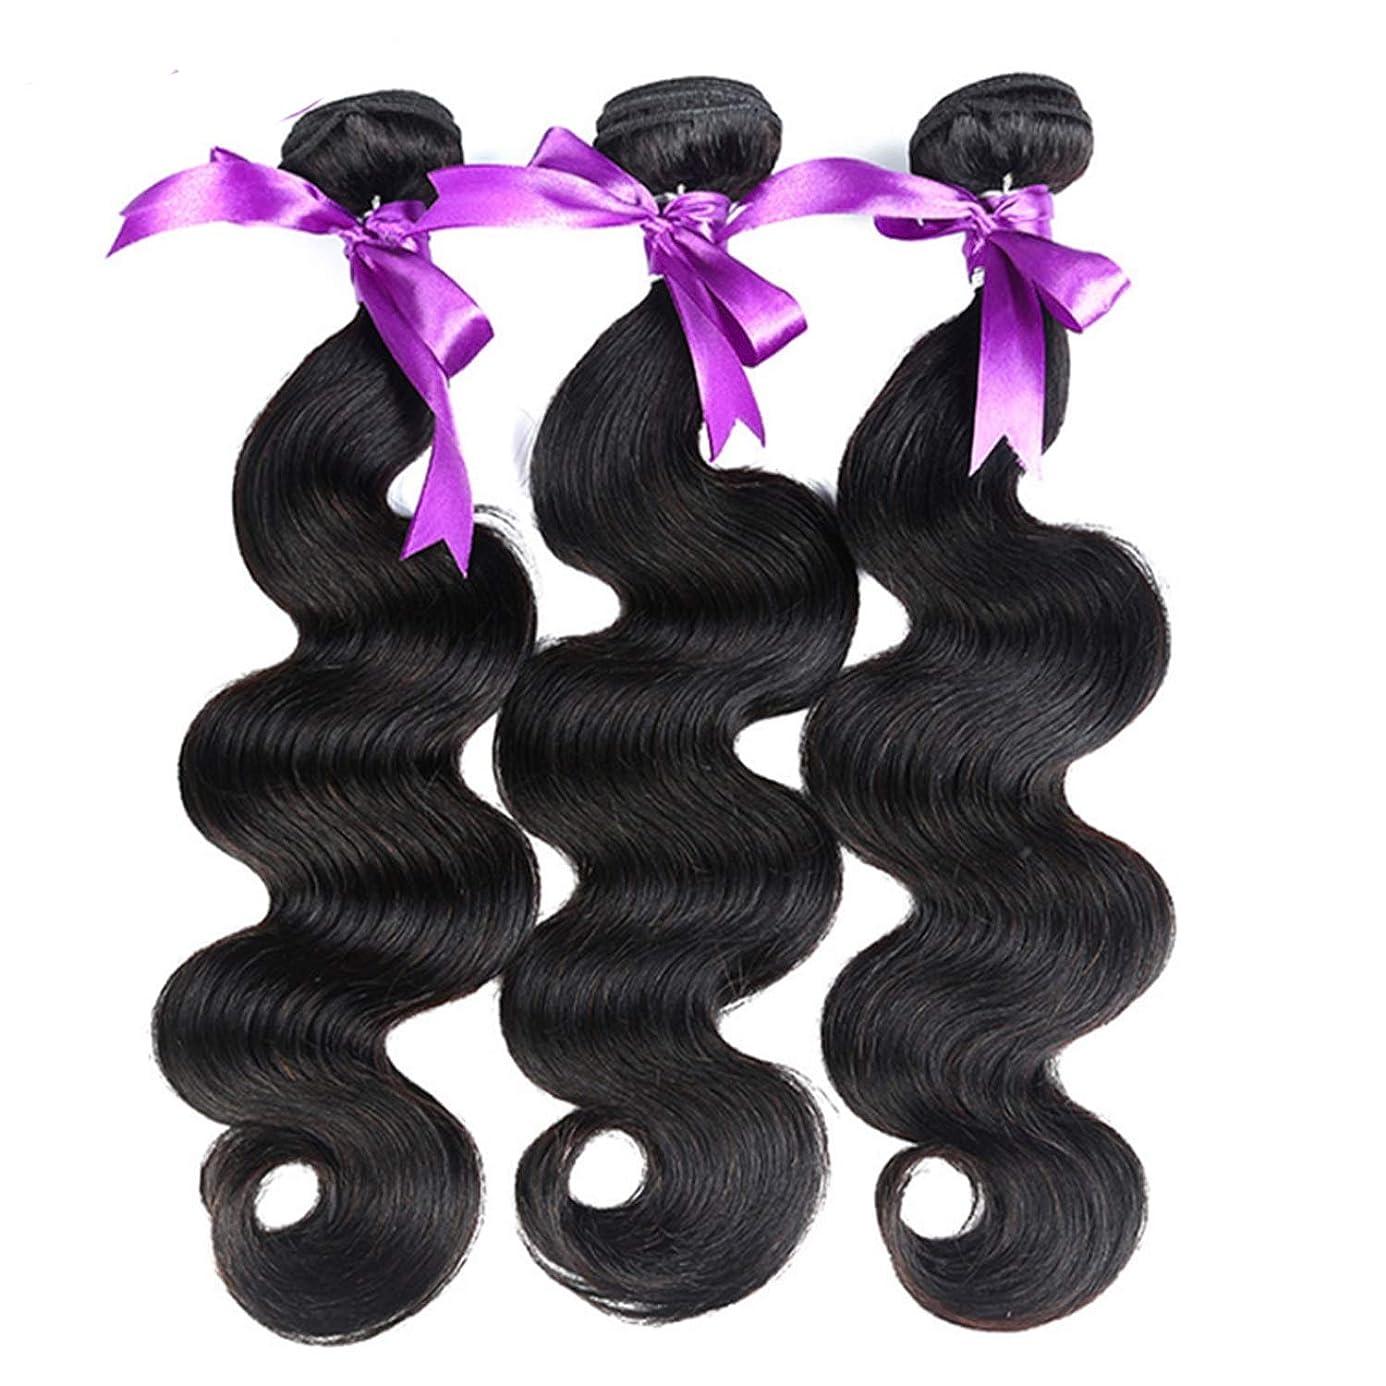 中国許容できる救い髪マレーシア実体波髪3個人間の髪の束非レミーの毛延長8-28インチの体毛かつら (Length : 8 8 10)